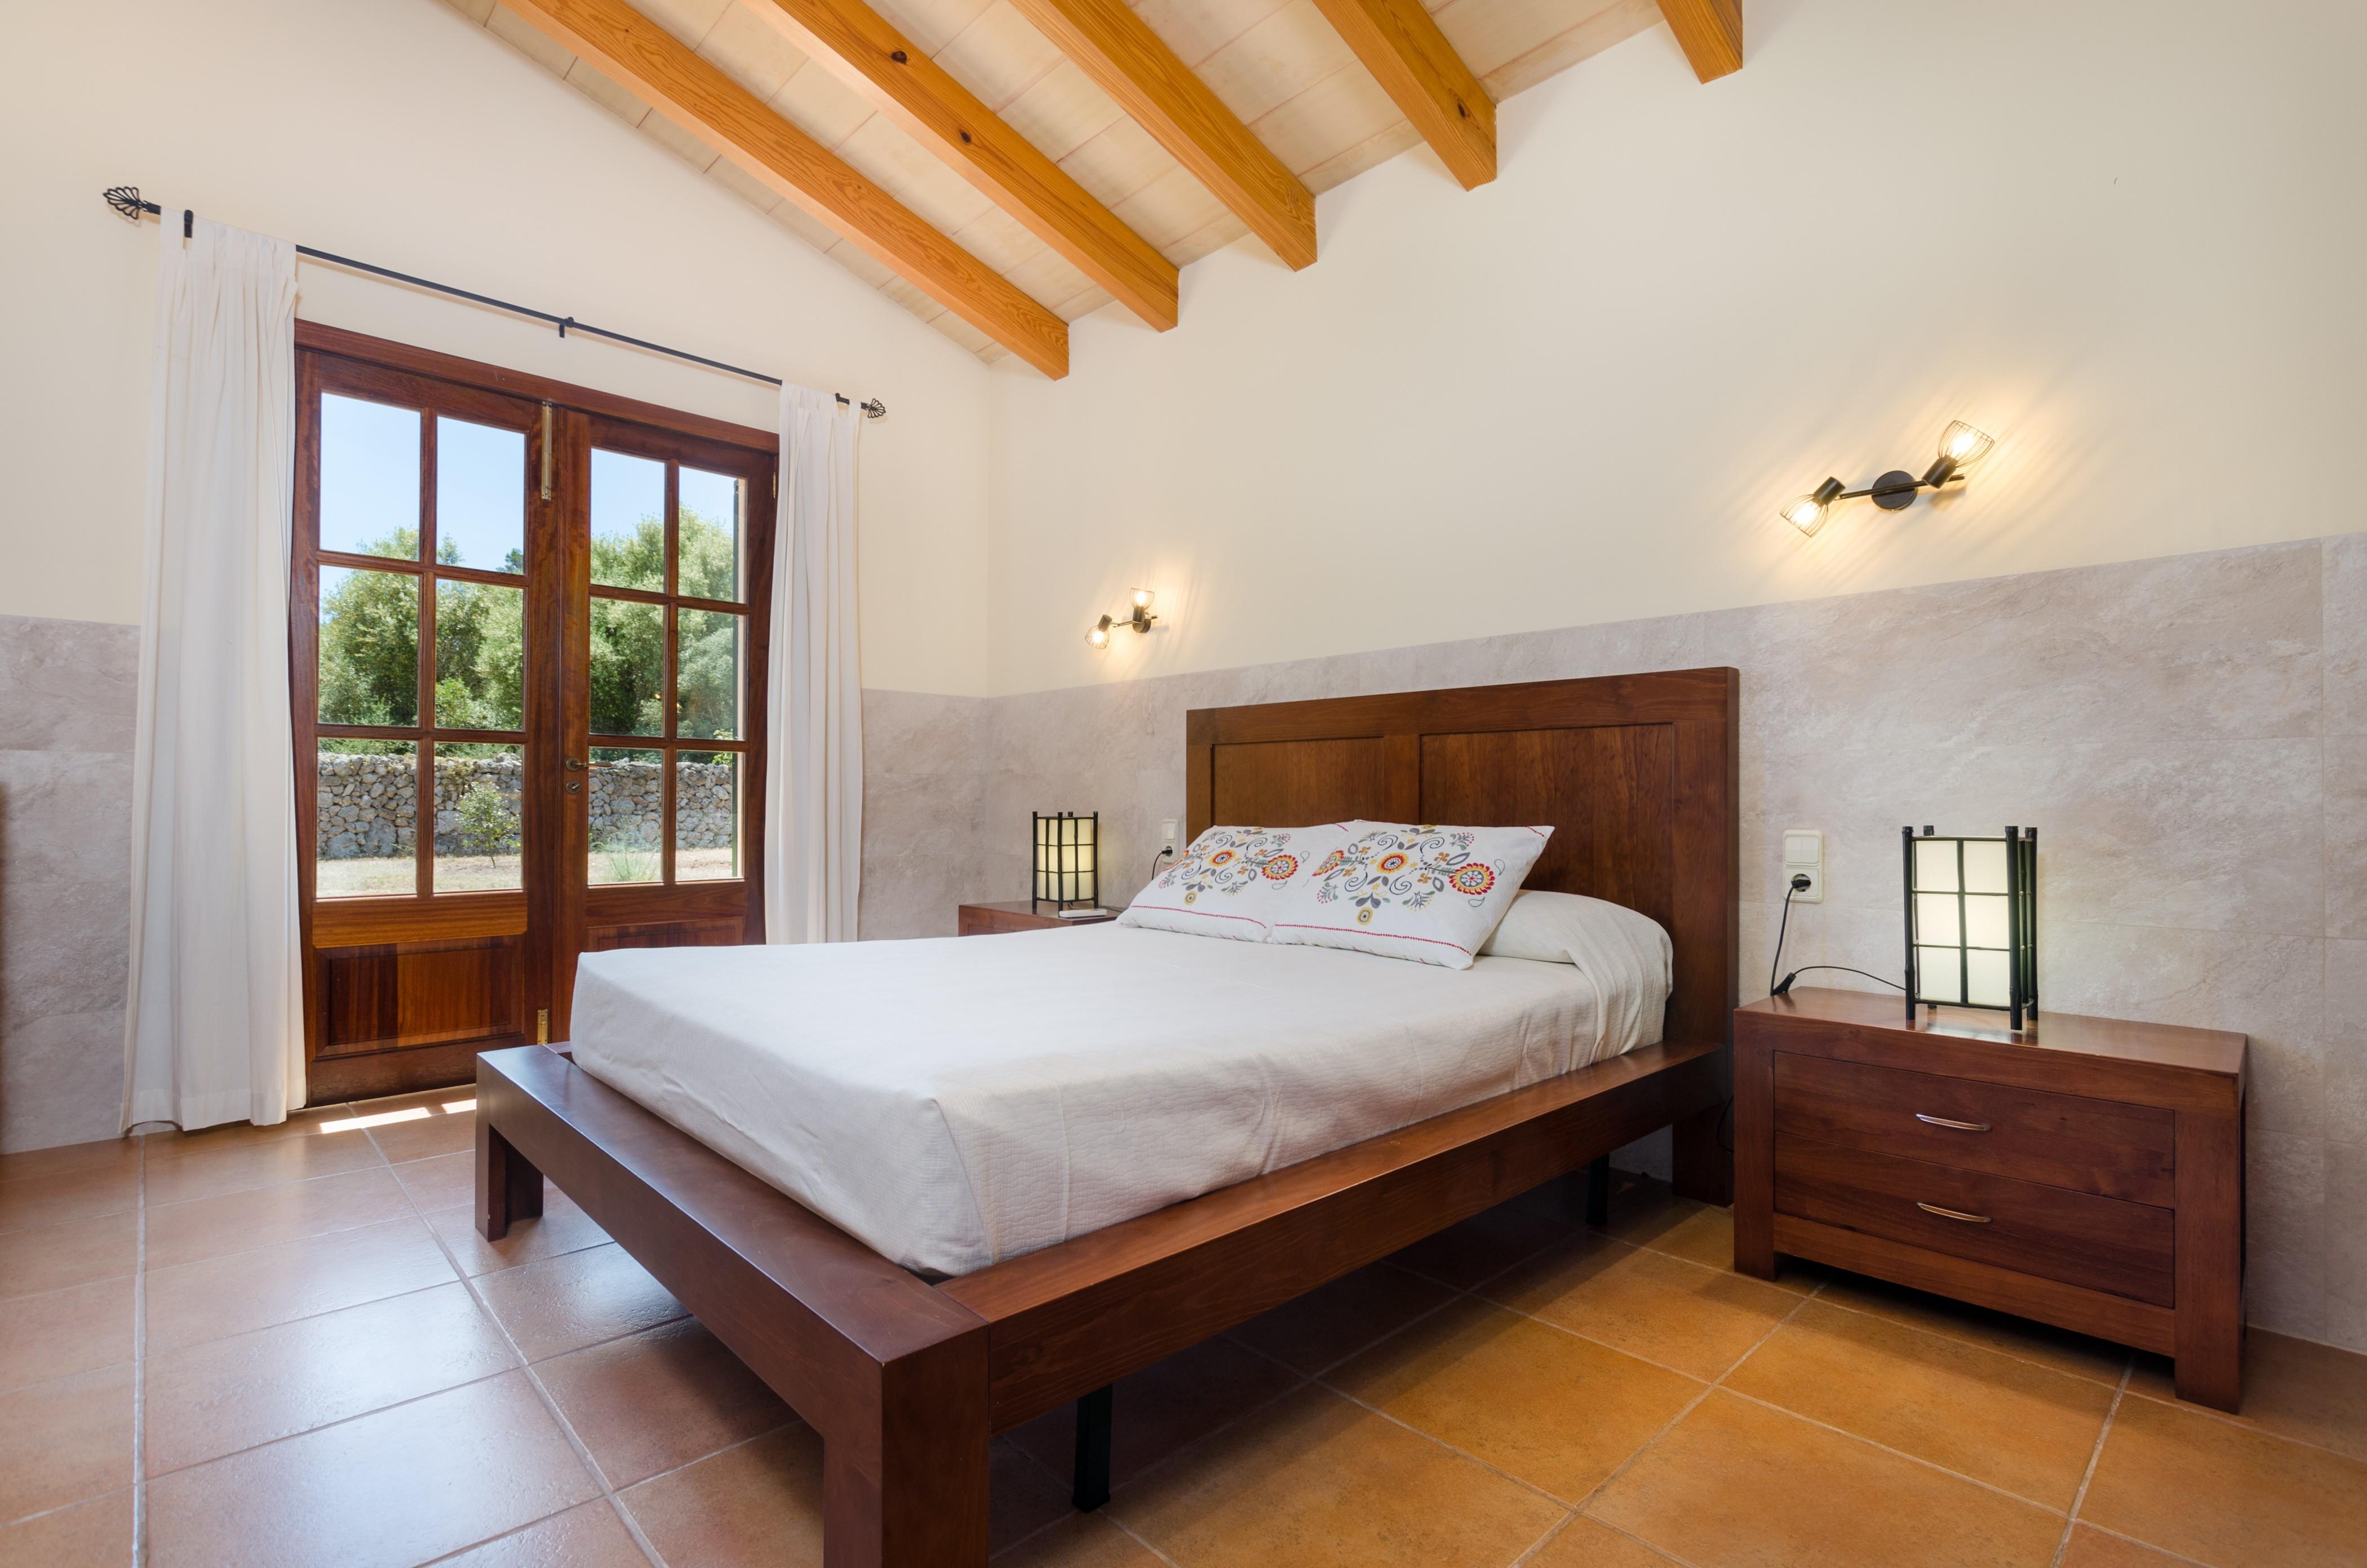 Maison de vacances ES VEDAT (2632993), Lloret de Vistalegre, Majorque, Iles Baléares, Espagne, image 20